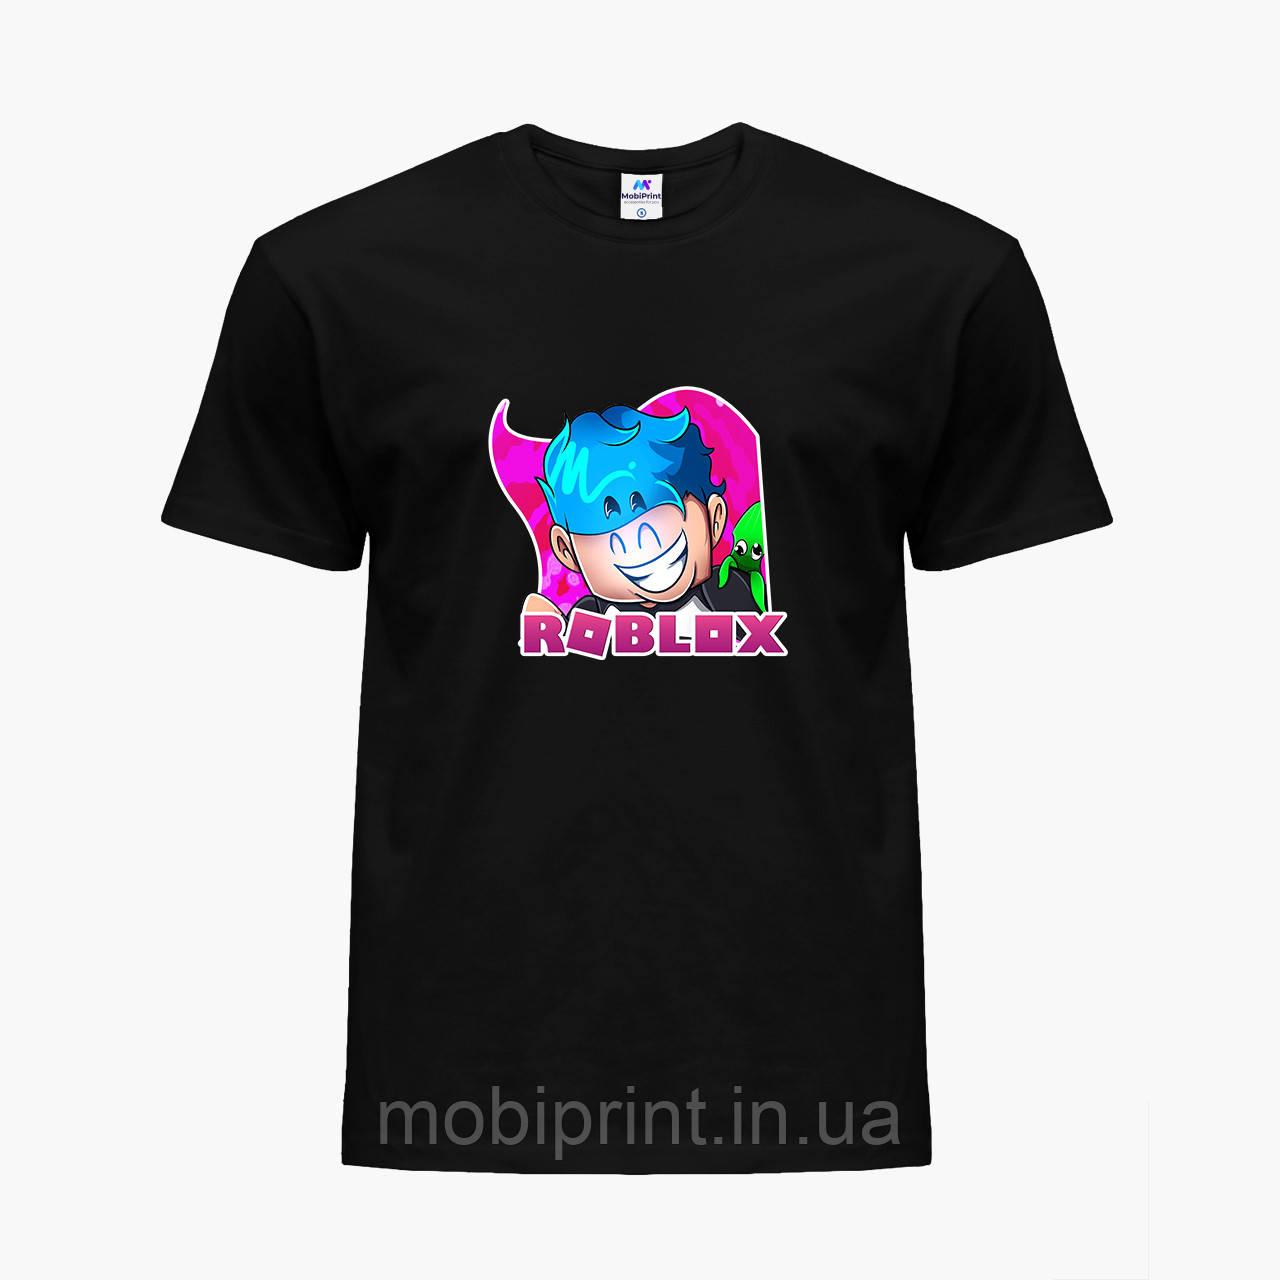 Детская футболка для мальчиков Роблокс (Roblox) (25186-1223) Черный